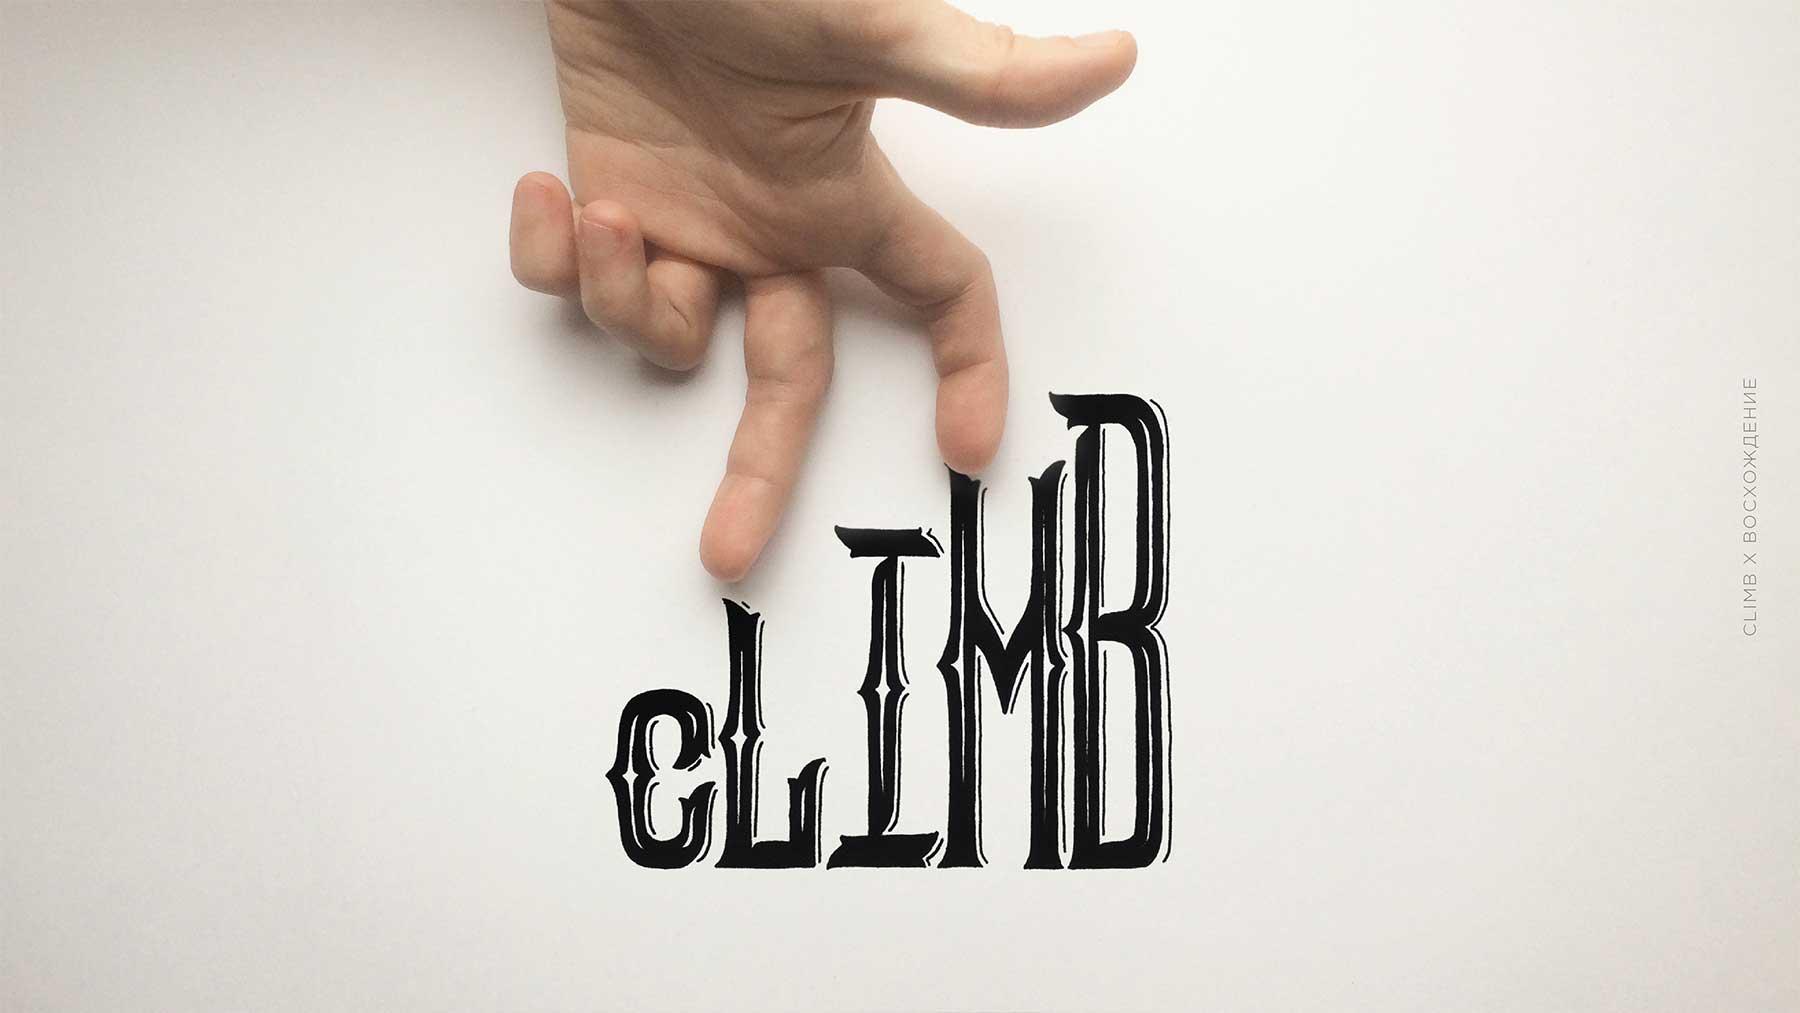 Schöngeschriebenes entsprechend der Wortbedeutung Dima-AbraKadabra-calligraphy-meaning_02